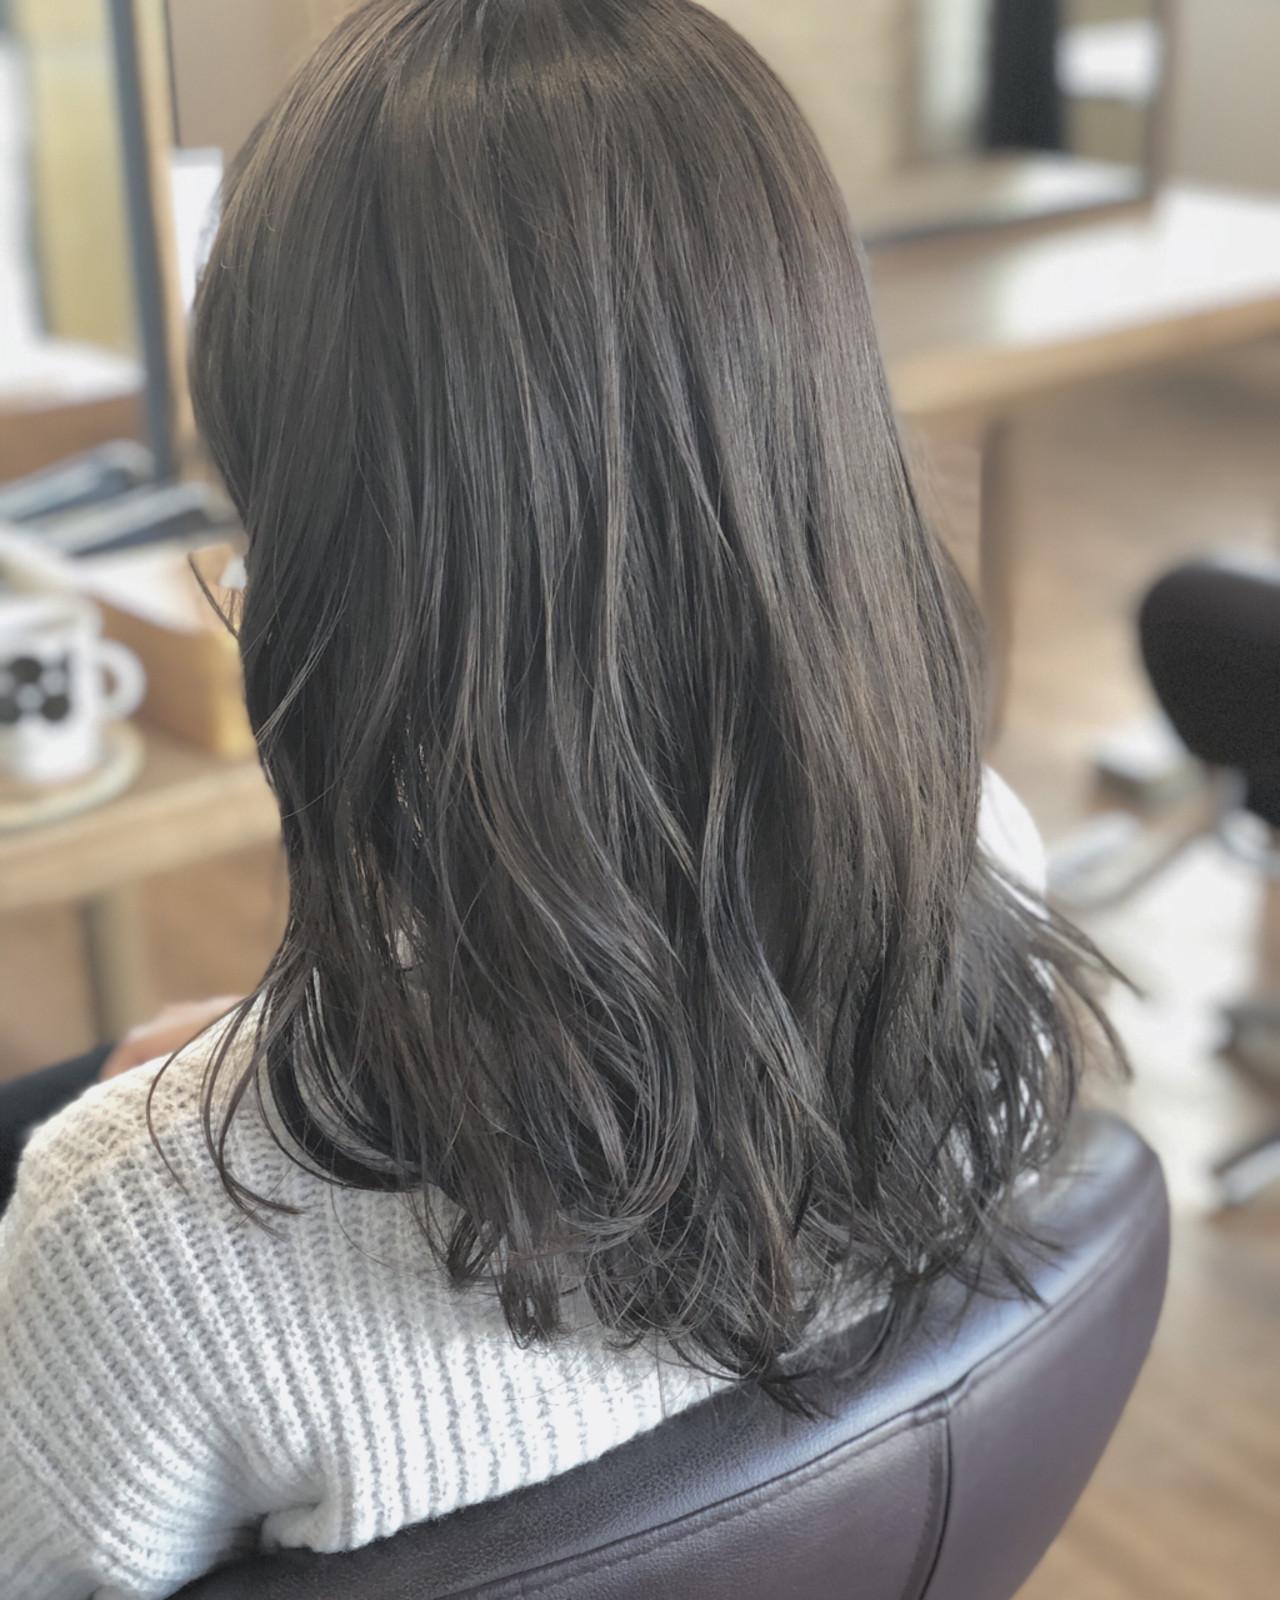 ナチュラル ウェーブ アンニュイ 暗髪ヘアスタイルや髪型の写真・画像